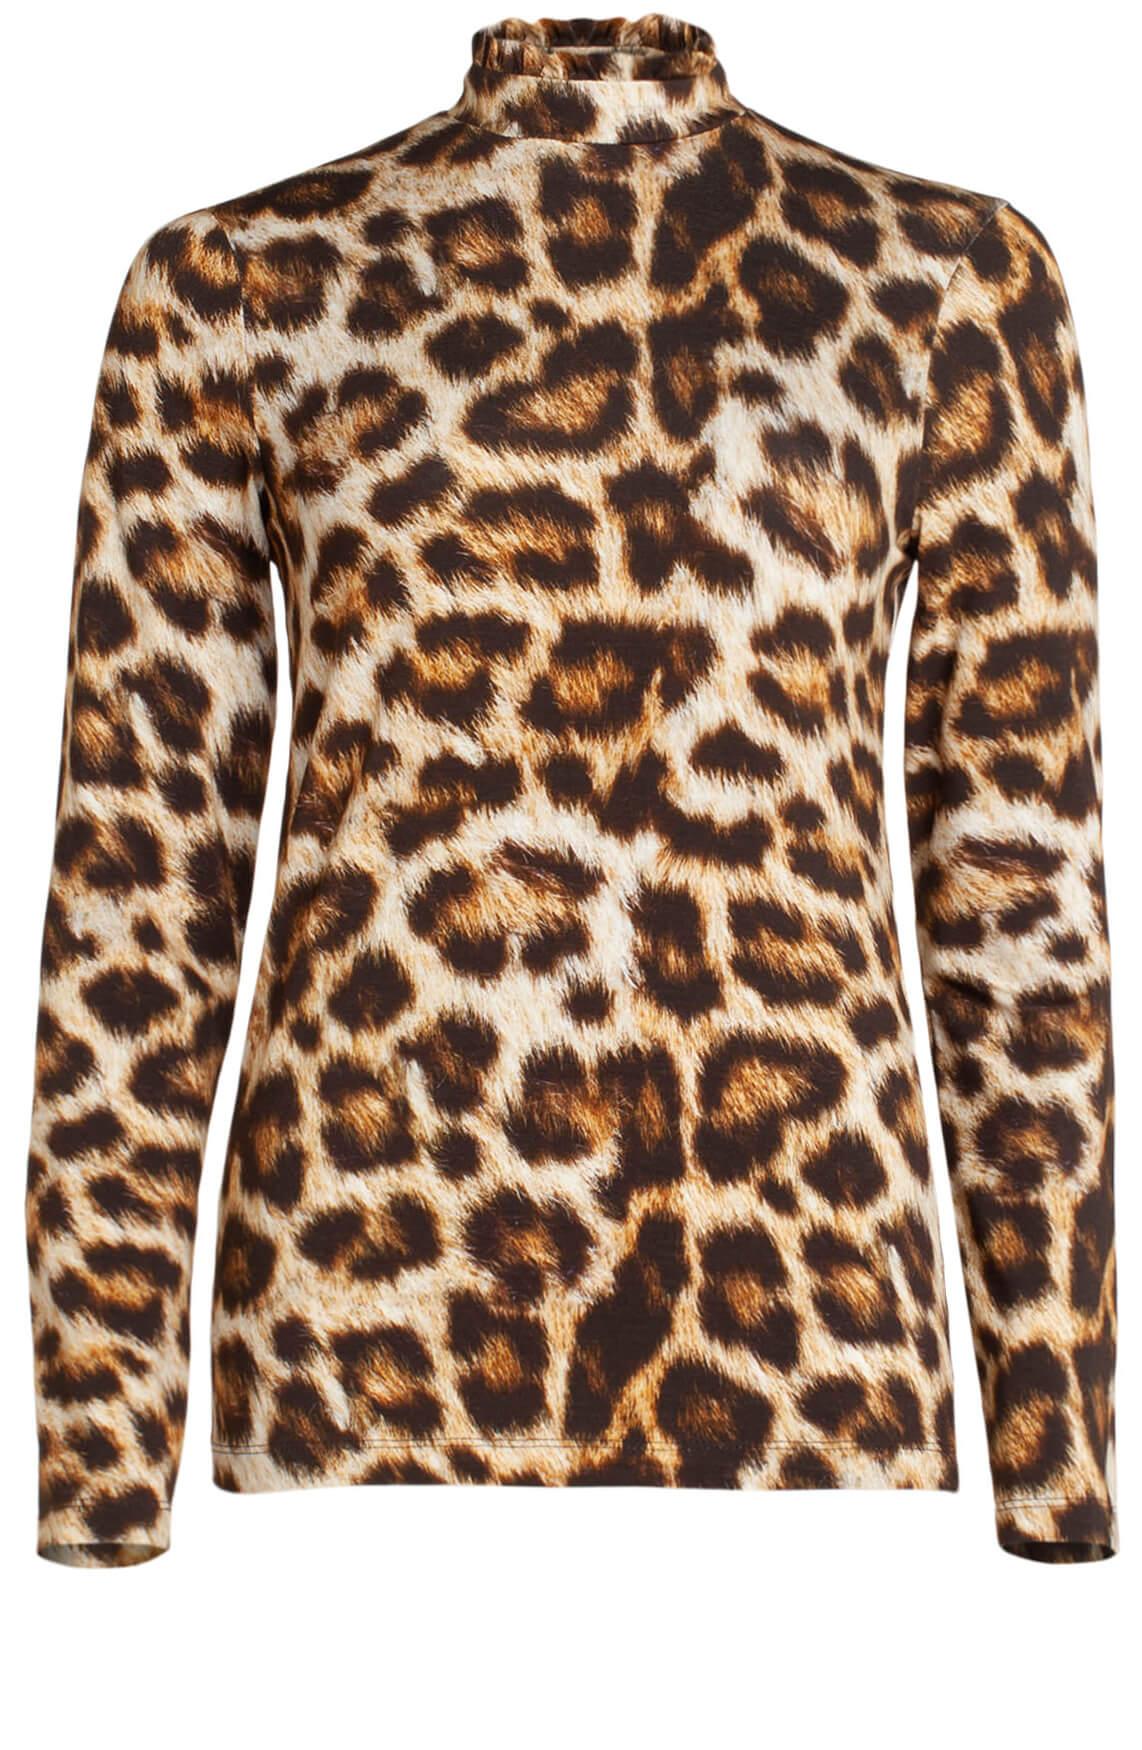 Jane Lushka Dames Panterprint shirt met col Bruin